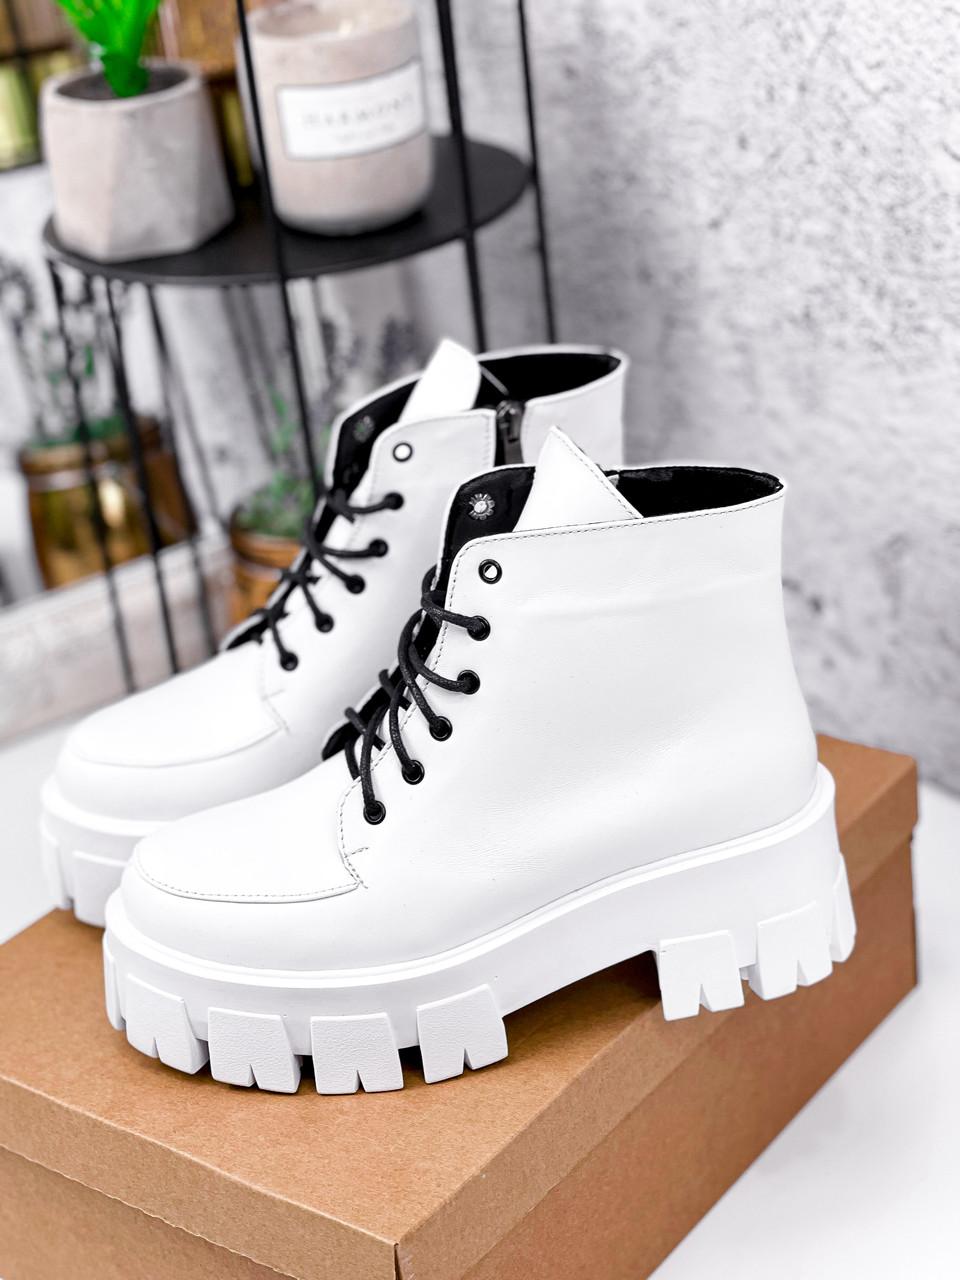 Ботинки женские Lazar белые натуральная кожа